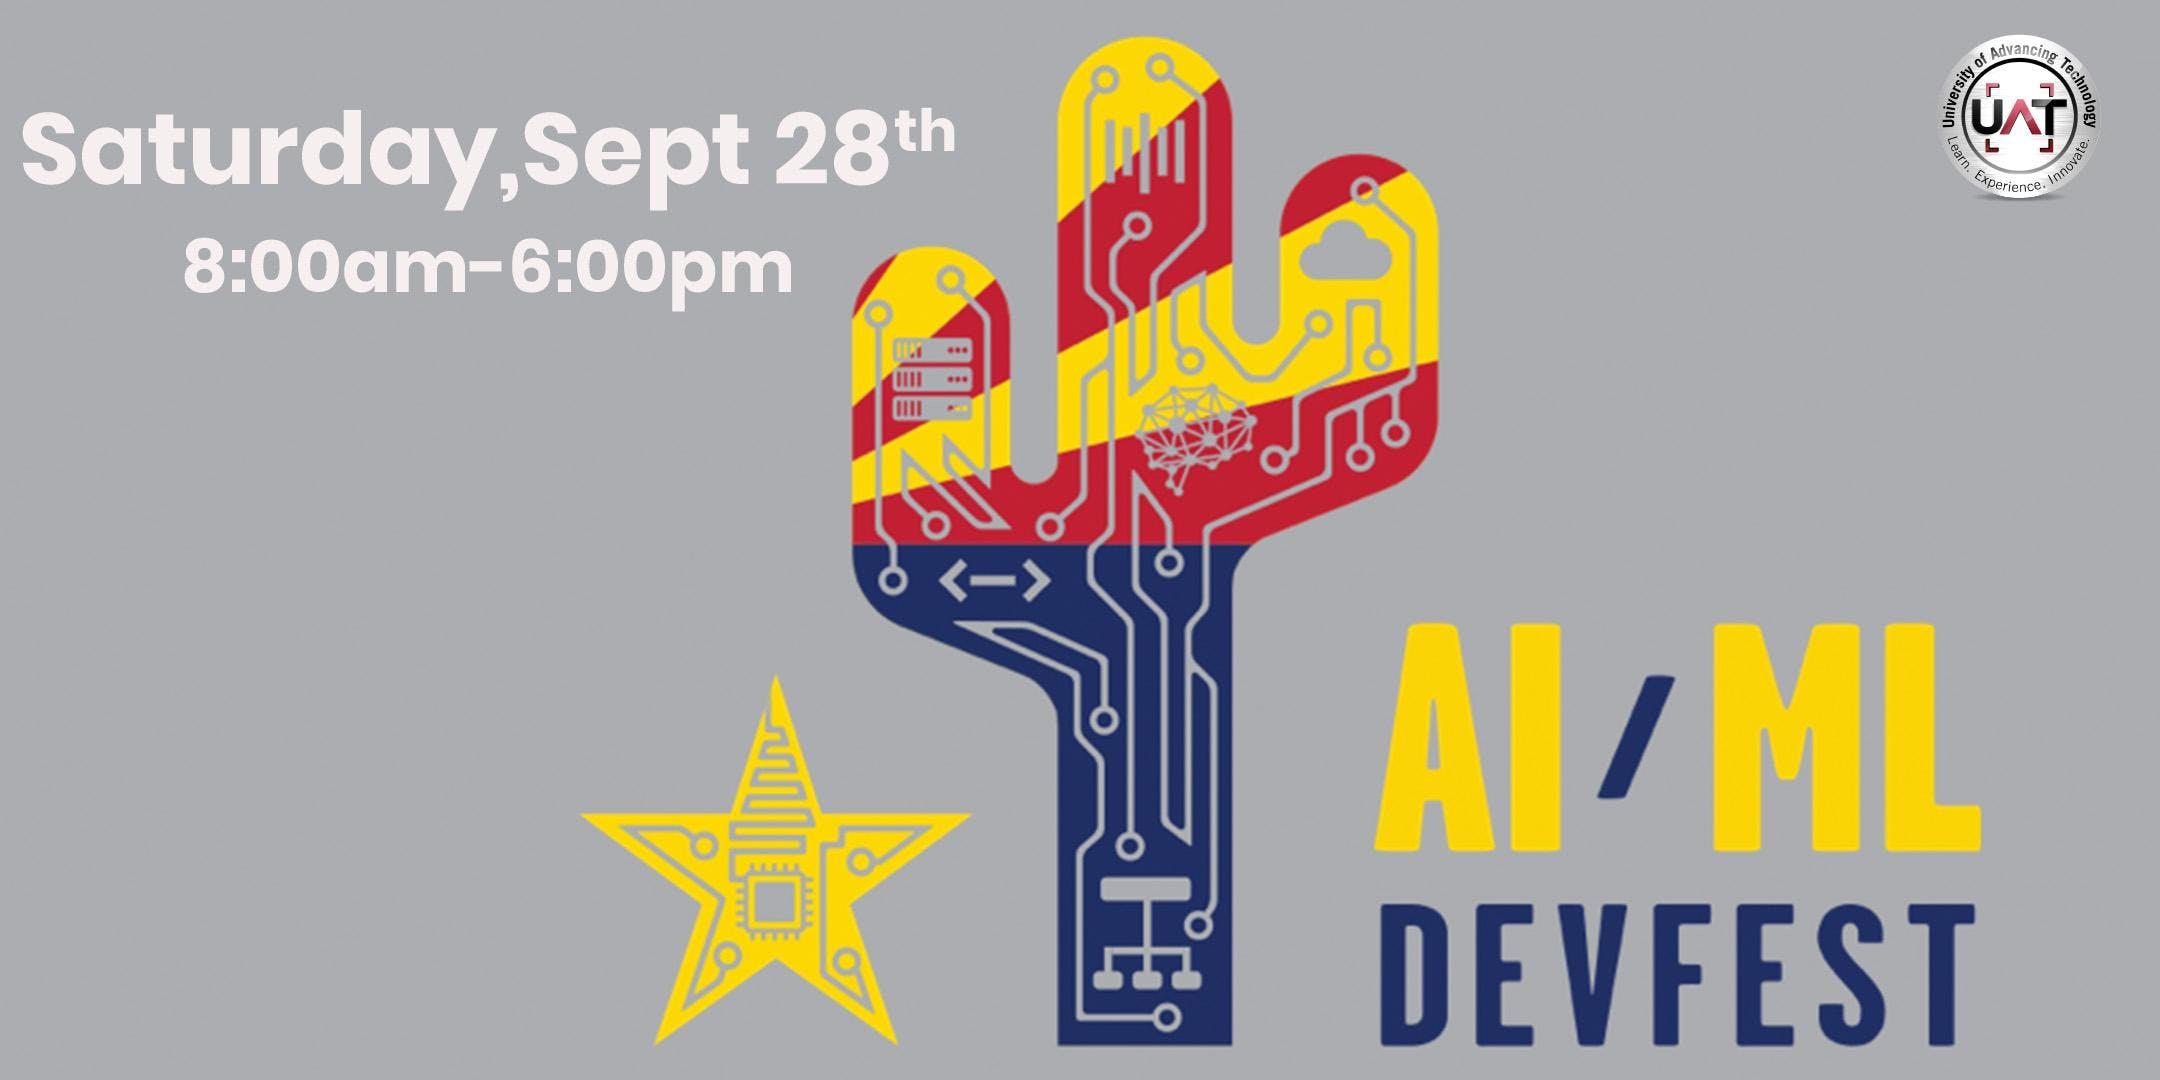 AI/ML Devfest at UAT